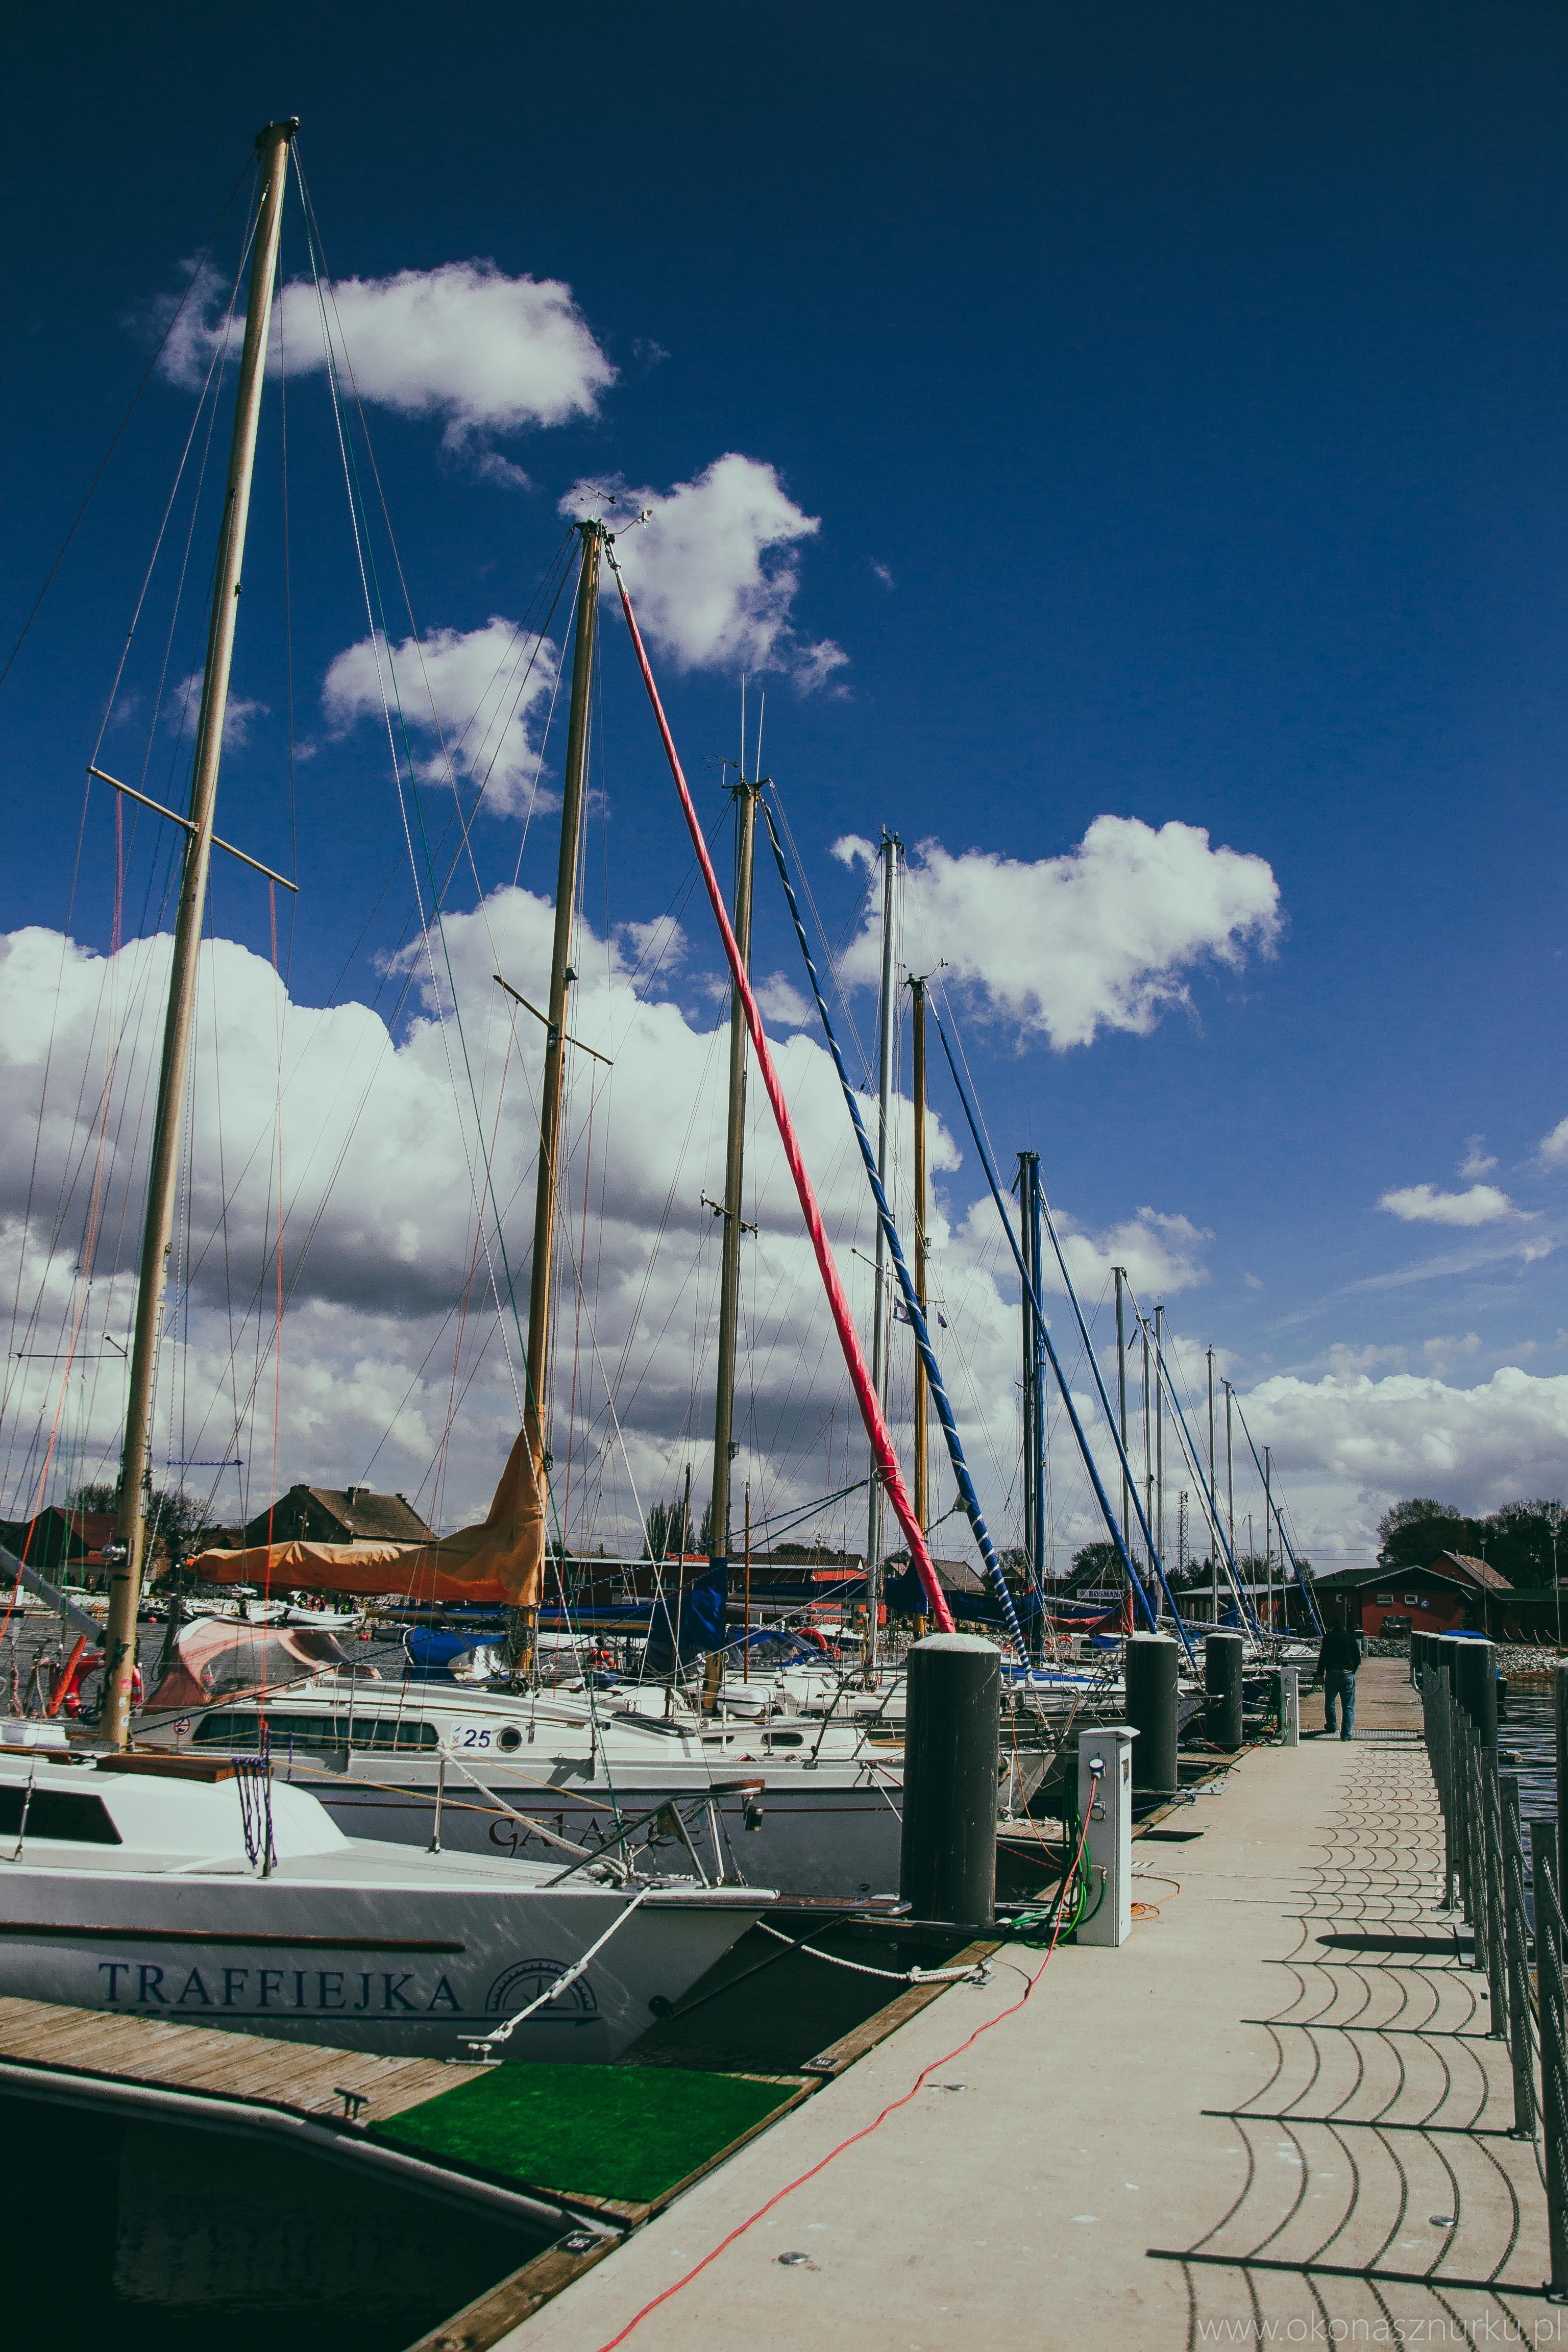 marina-jacht-wyprawy-morskie-silesia-szczecin-goclaw-lubczyna (71)